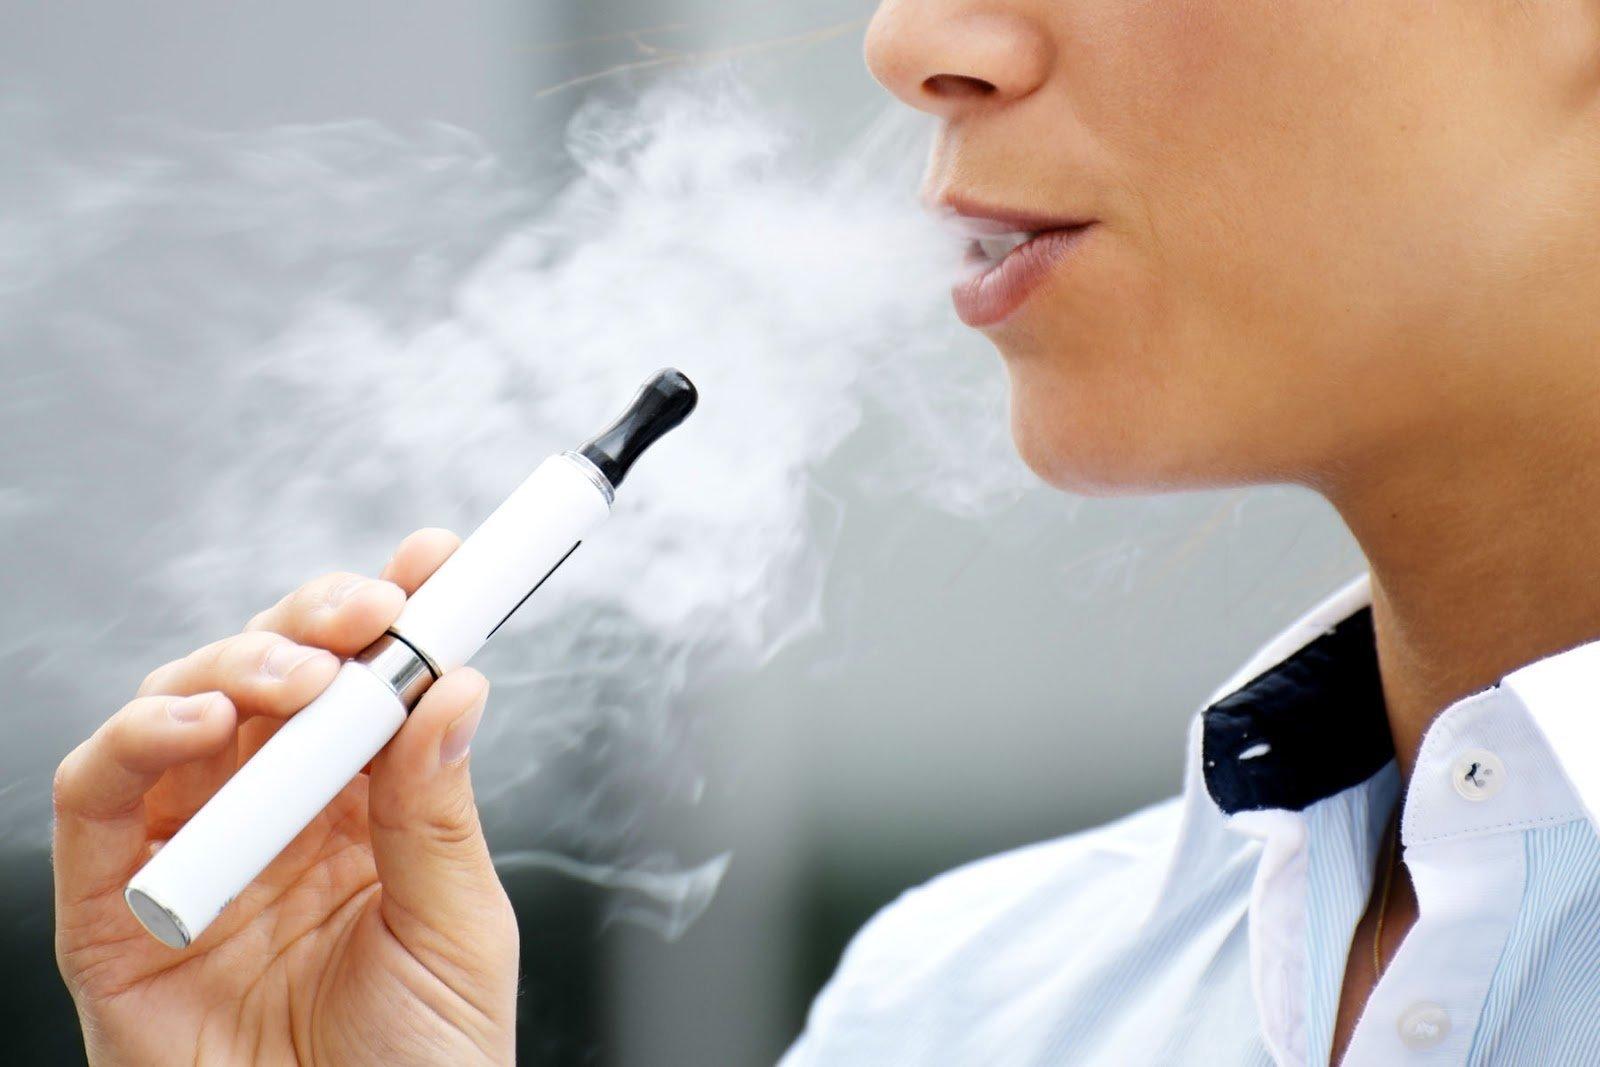 Электронные сигареты как купить несовершеннолетнему не могу выйти из дома как купить сигареты